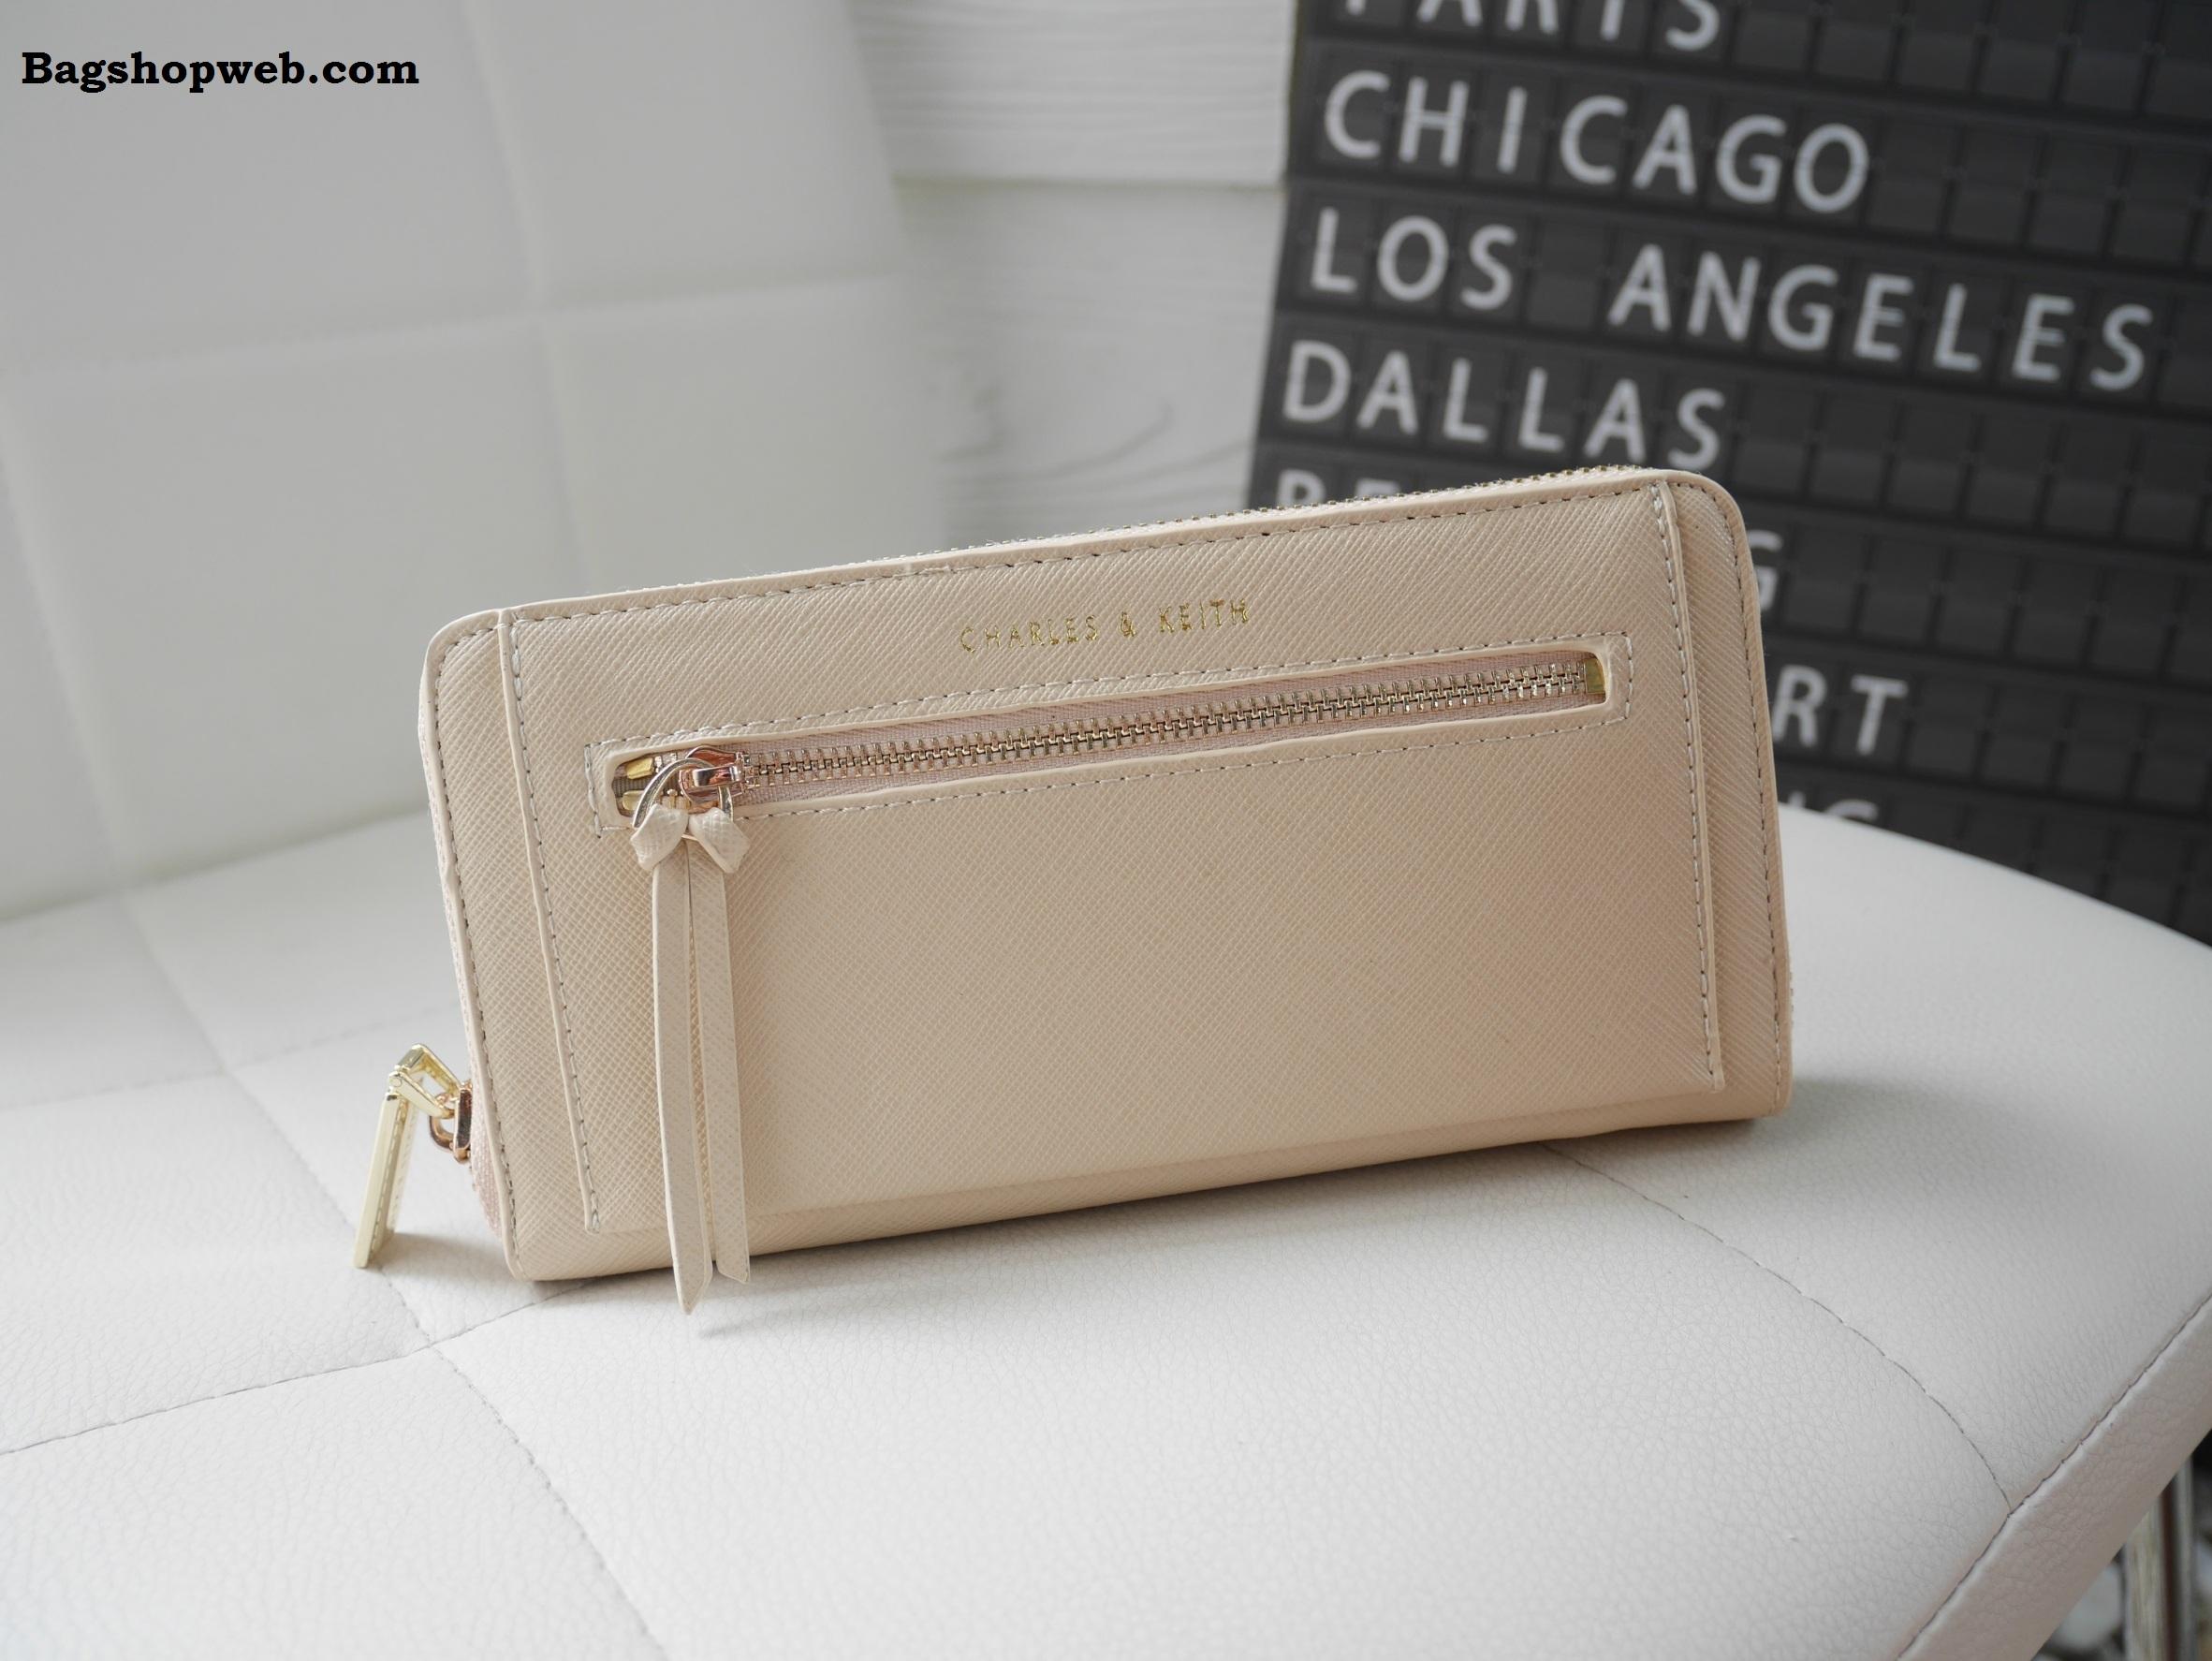 กระเป๋าสตางค์ Charle & Keith Front Zip Detail Wallet สีเบจ ราคา 1,090 บาท Free Ems